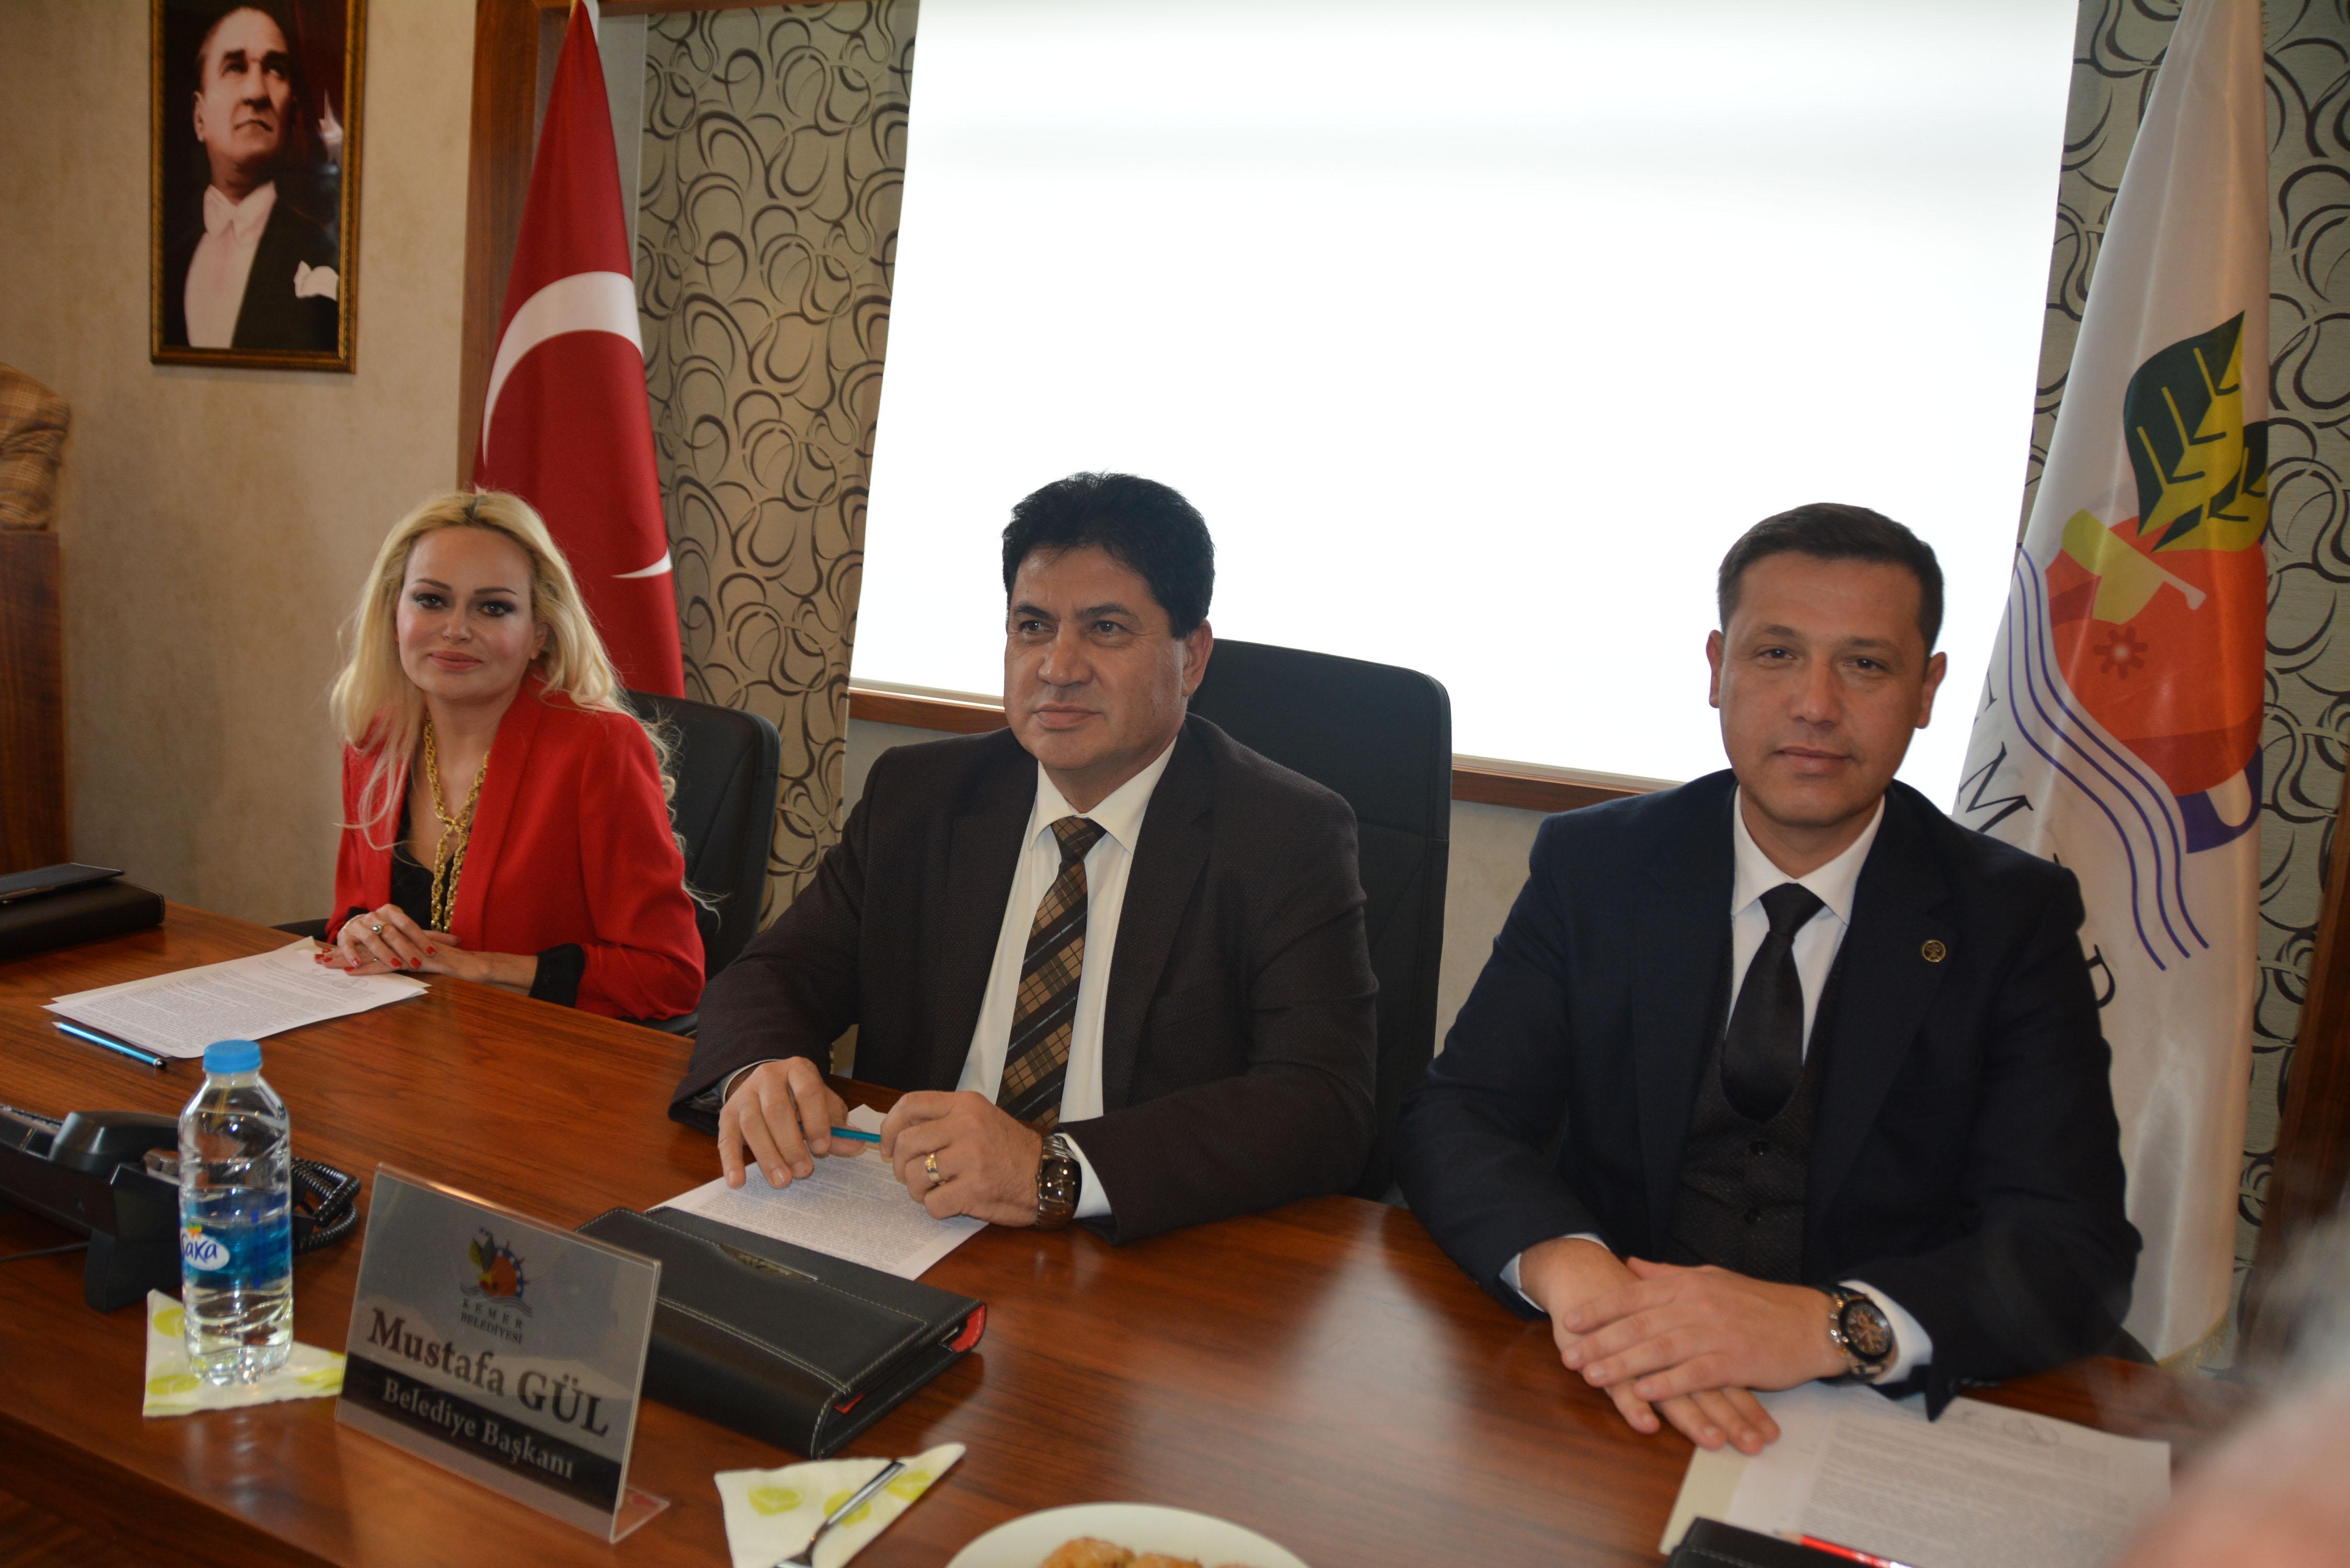 Başkan Gül: 2019 turizmde altın yıl olacak